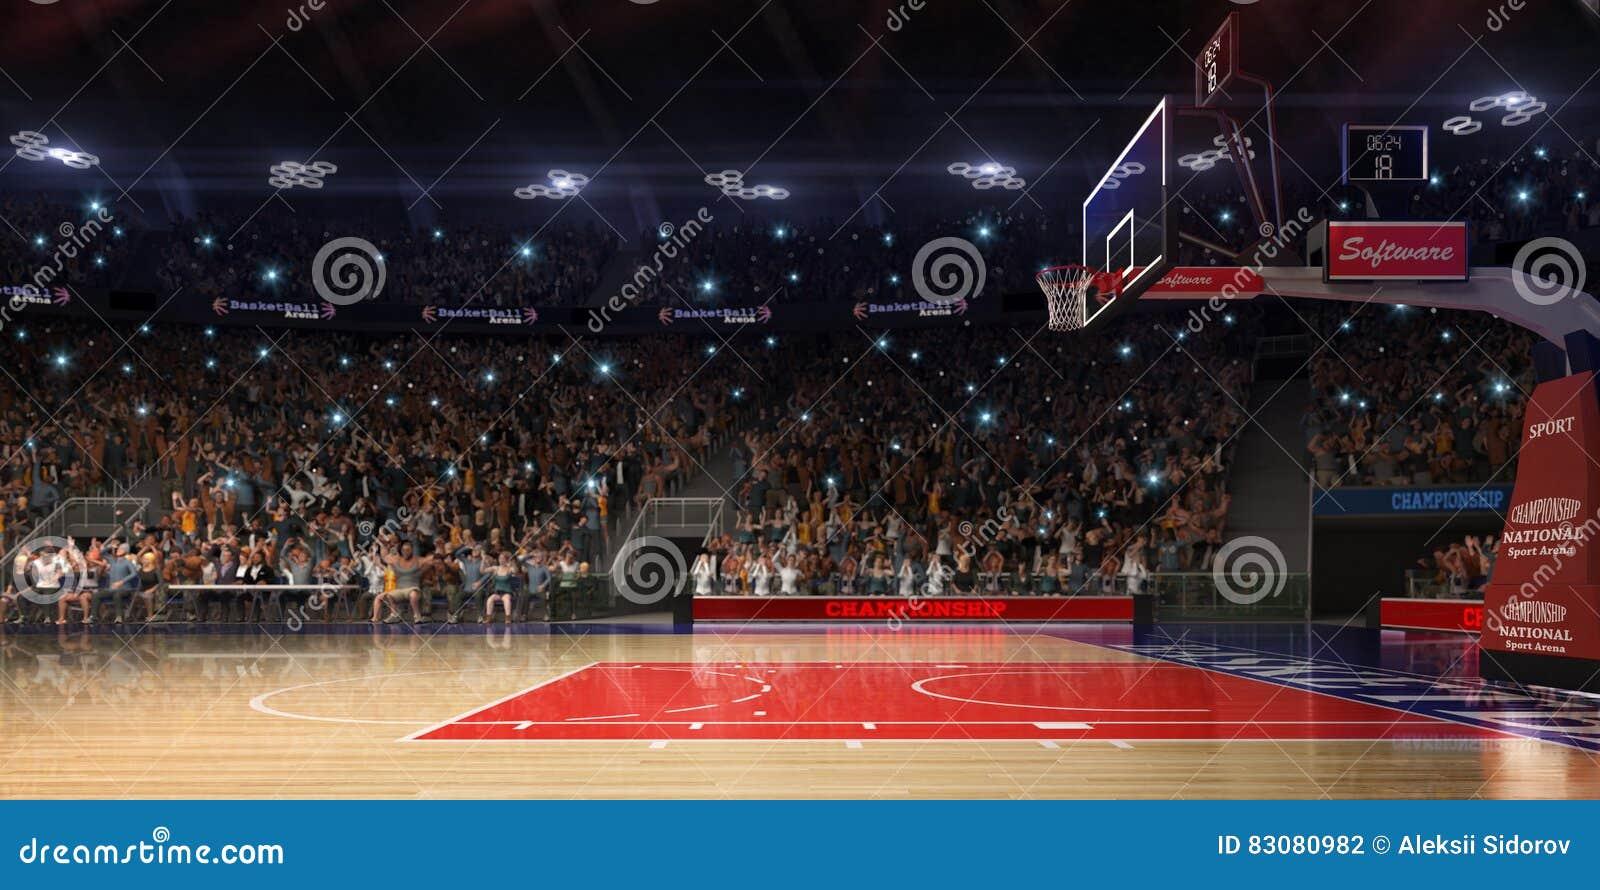 与人爱好者的篮球场 竞技场雨体育运动体育场 Photoreal 3d回报背景 blured在distancelike的轻率冒险倾斜光学,